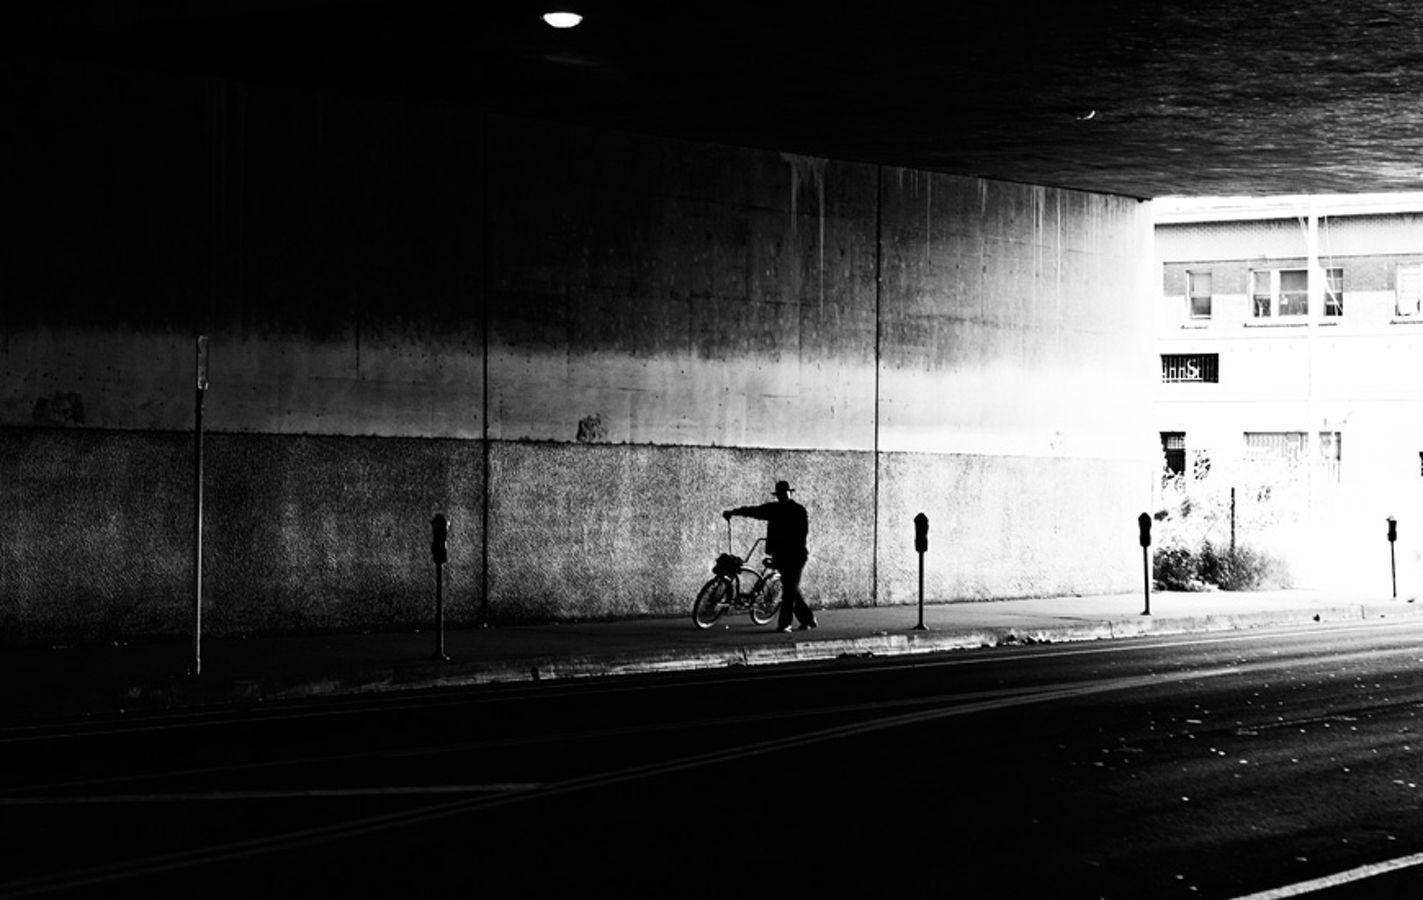 Cycle Under Bridge